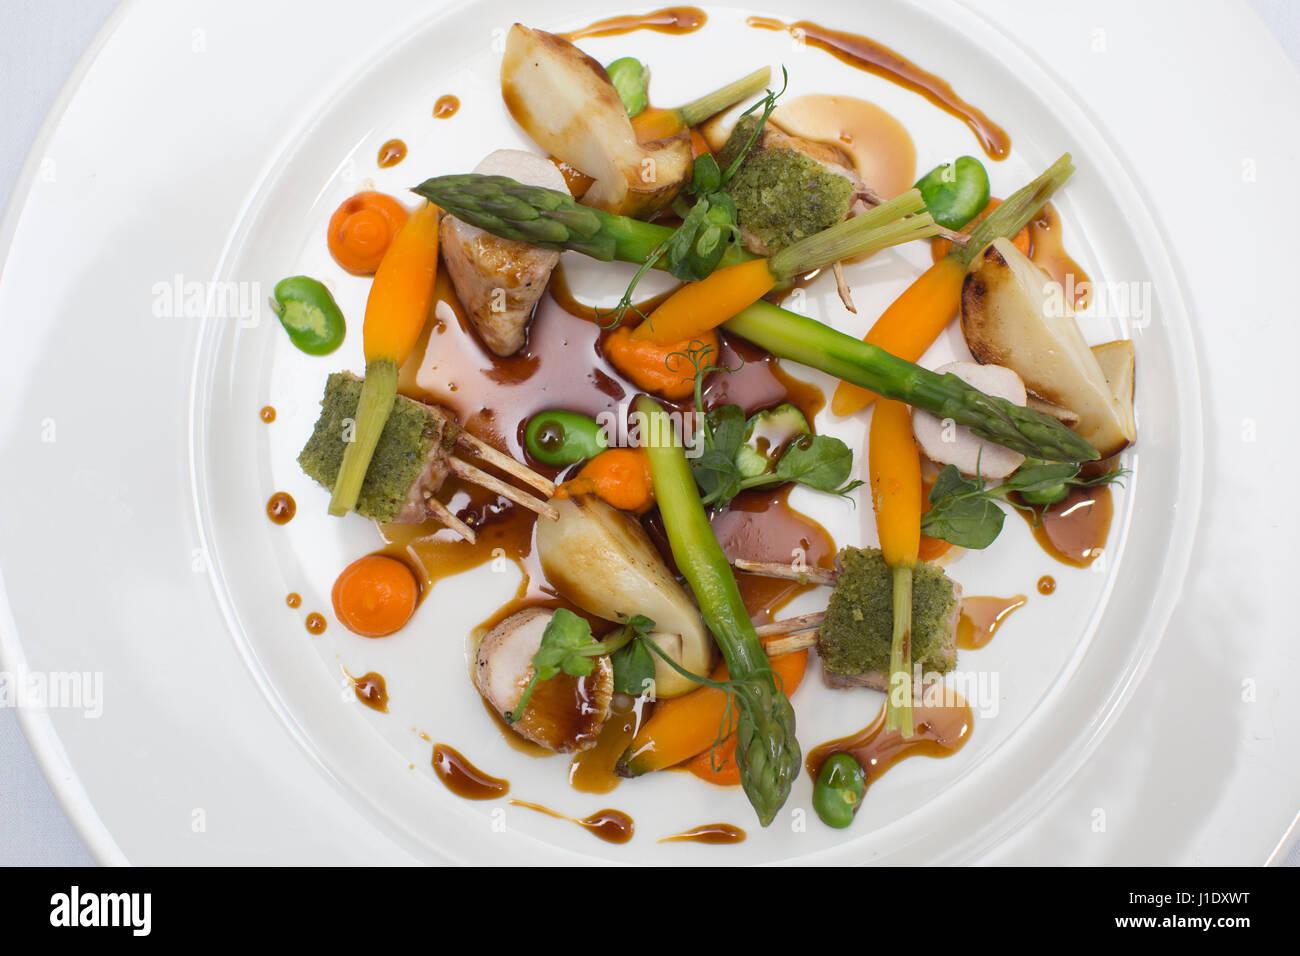 Le râble de lapin, purée de carottes, asperges, fèves et cèpes, Bois Rouge Bistro restaurant Photo Stock